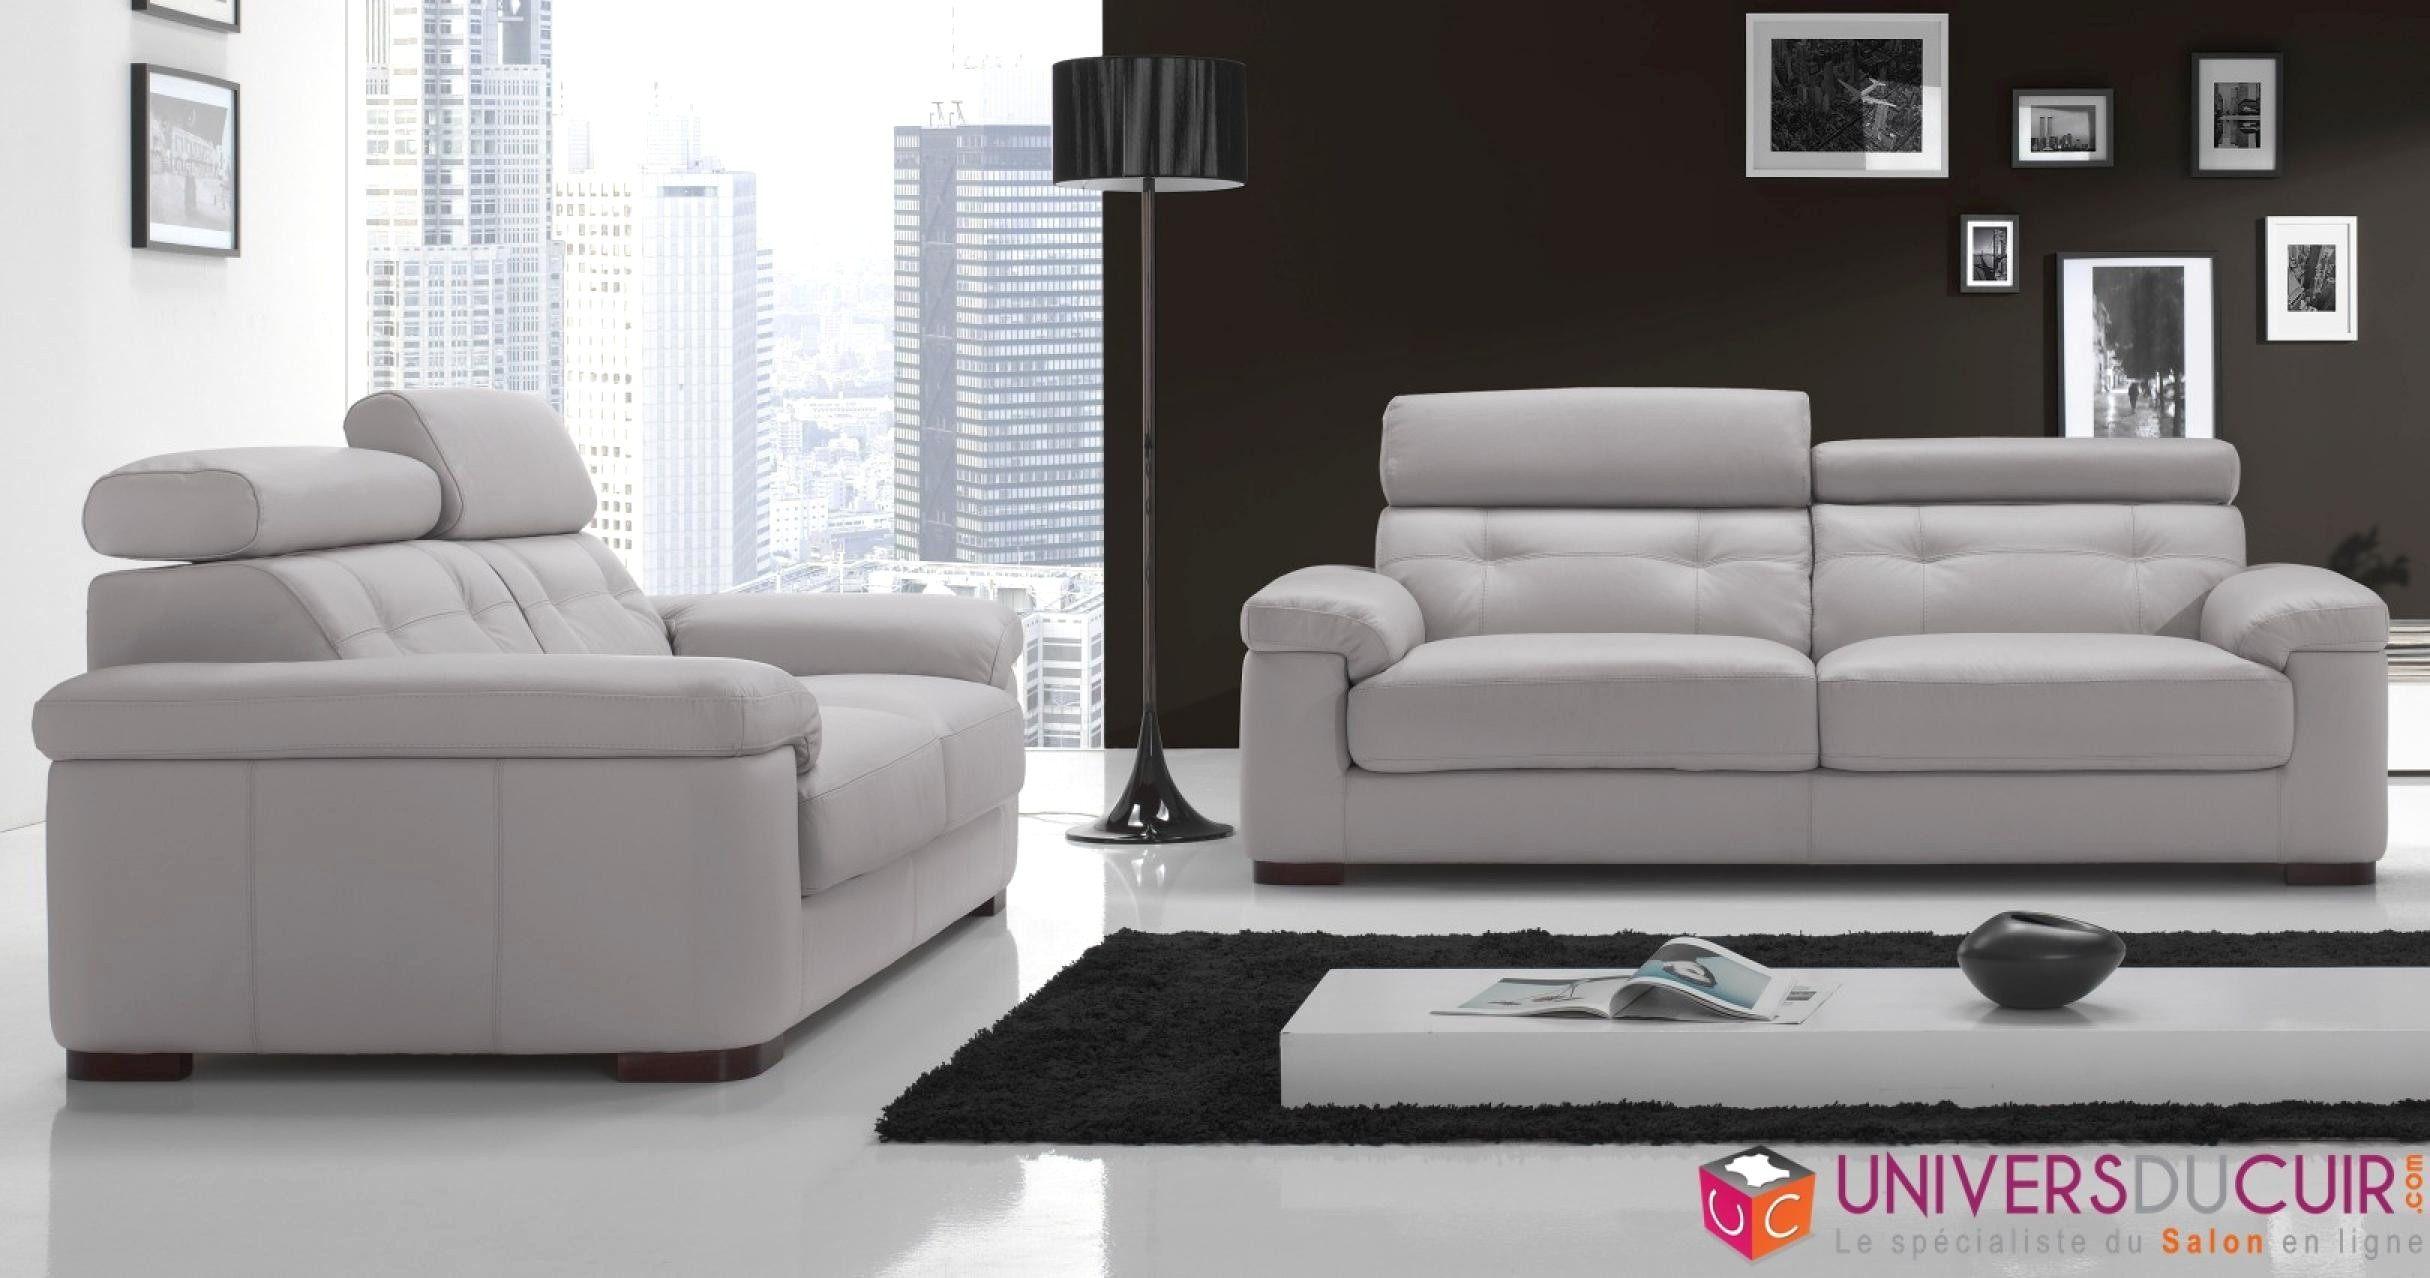 Lit Superposé Mezzanine Impressionnant Entra Nant Canapé Lit Conforama Avec Lit Lit Superpos Conforama Best